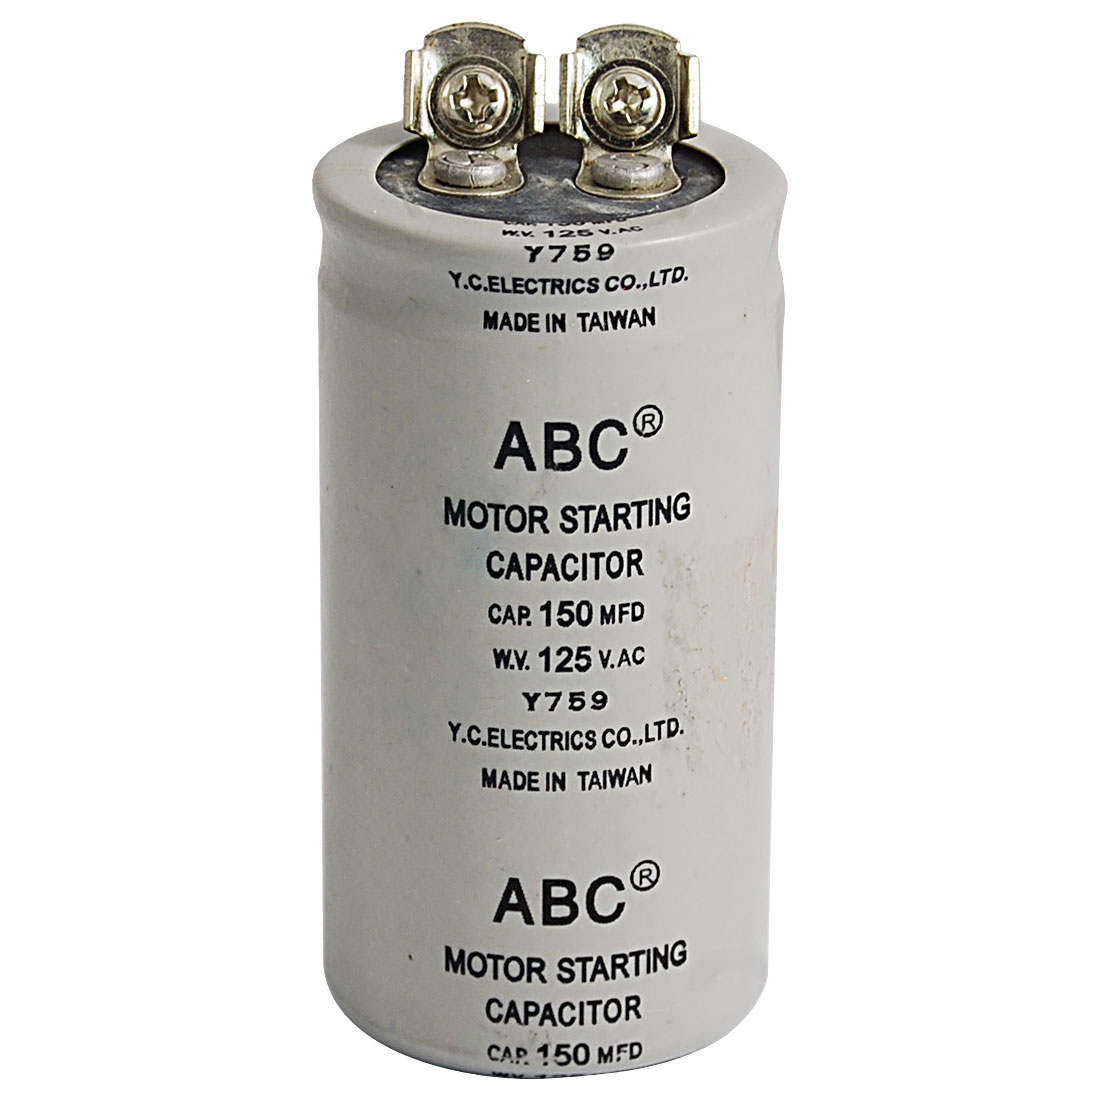 AC 125V 150uF 150MFD 2 Terminals Motor Start-up Capacitor